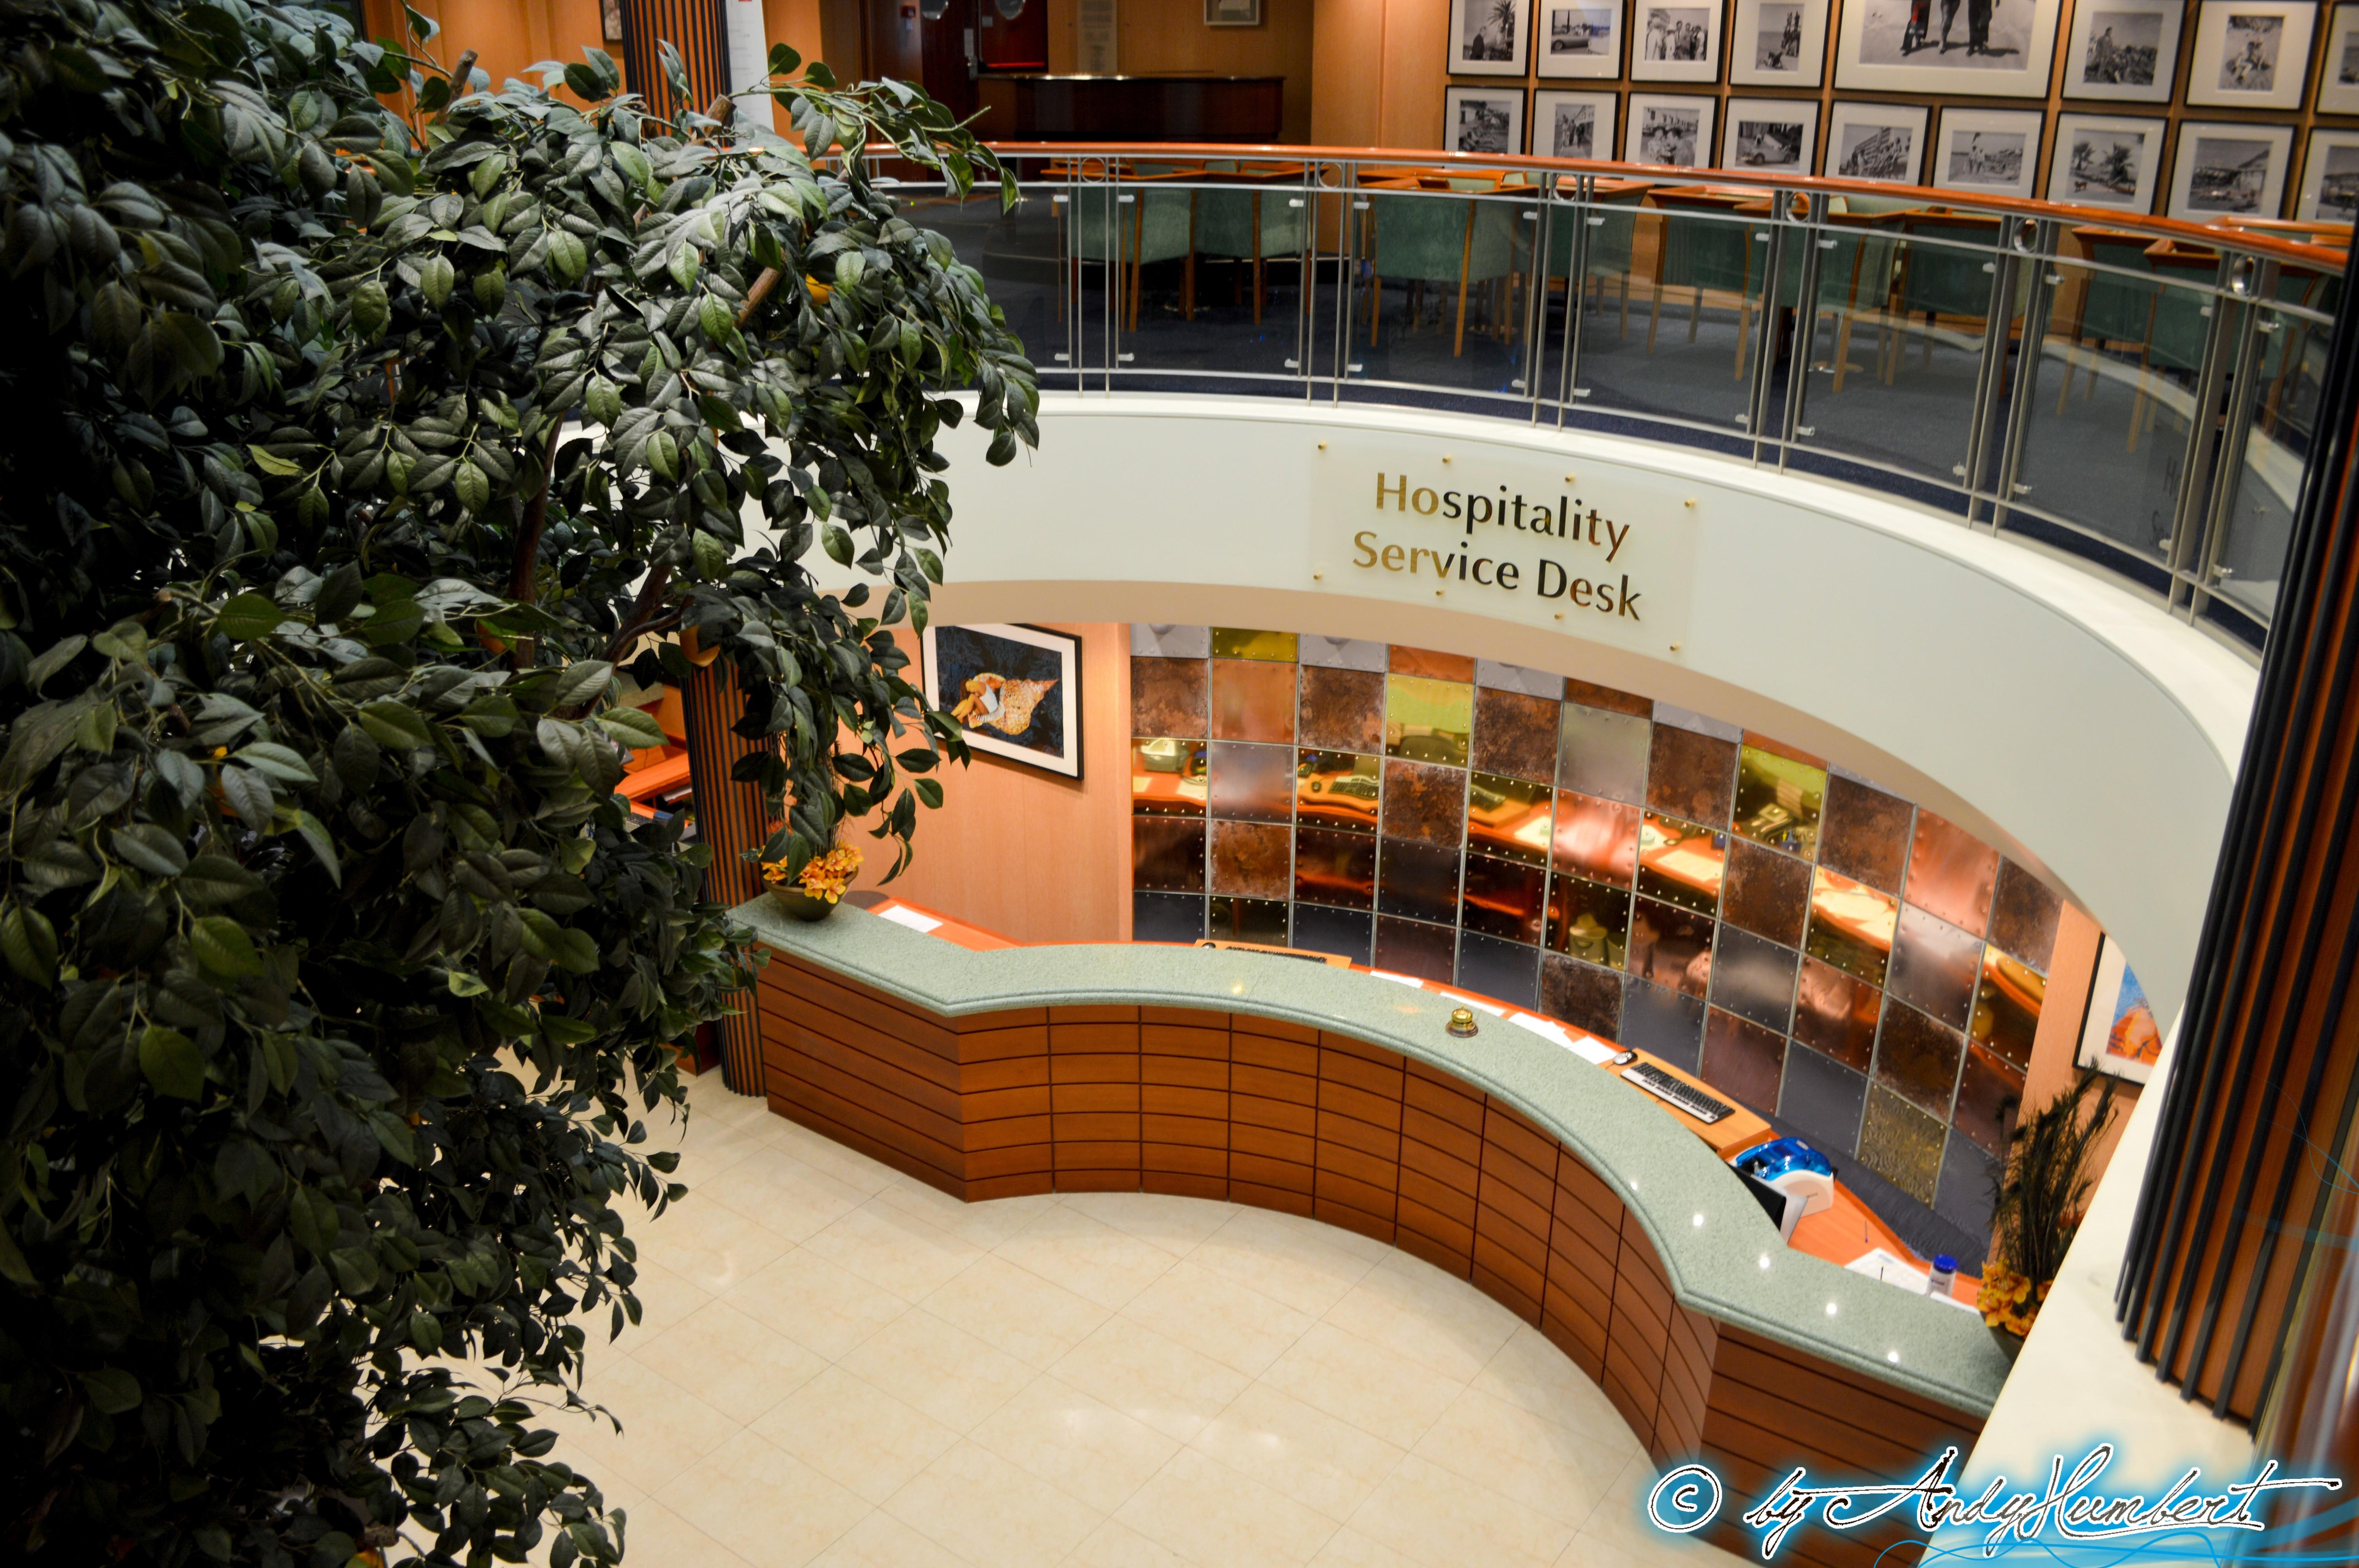 Hospitality Service Desk (pont 5)